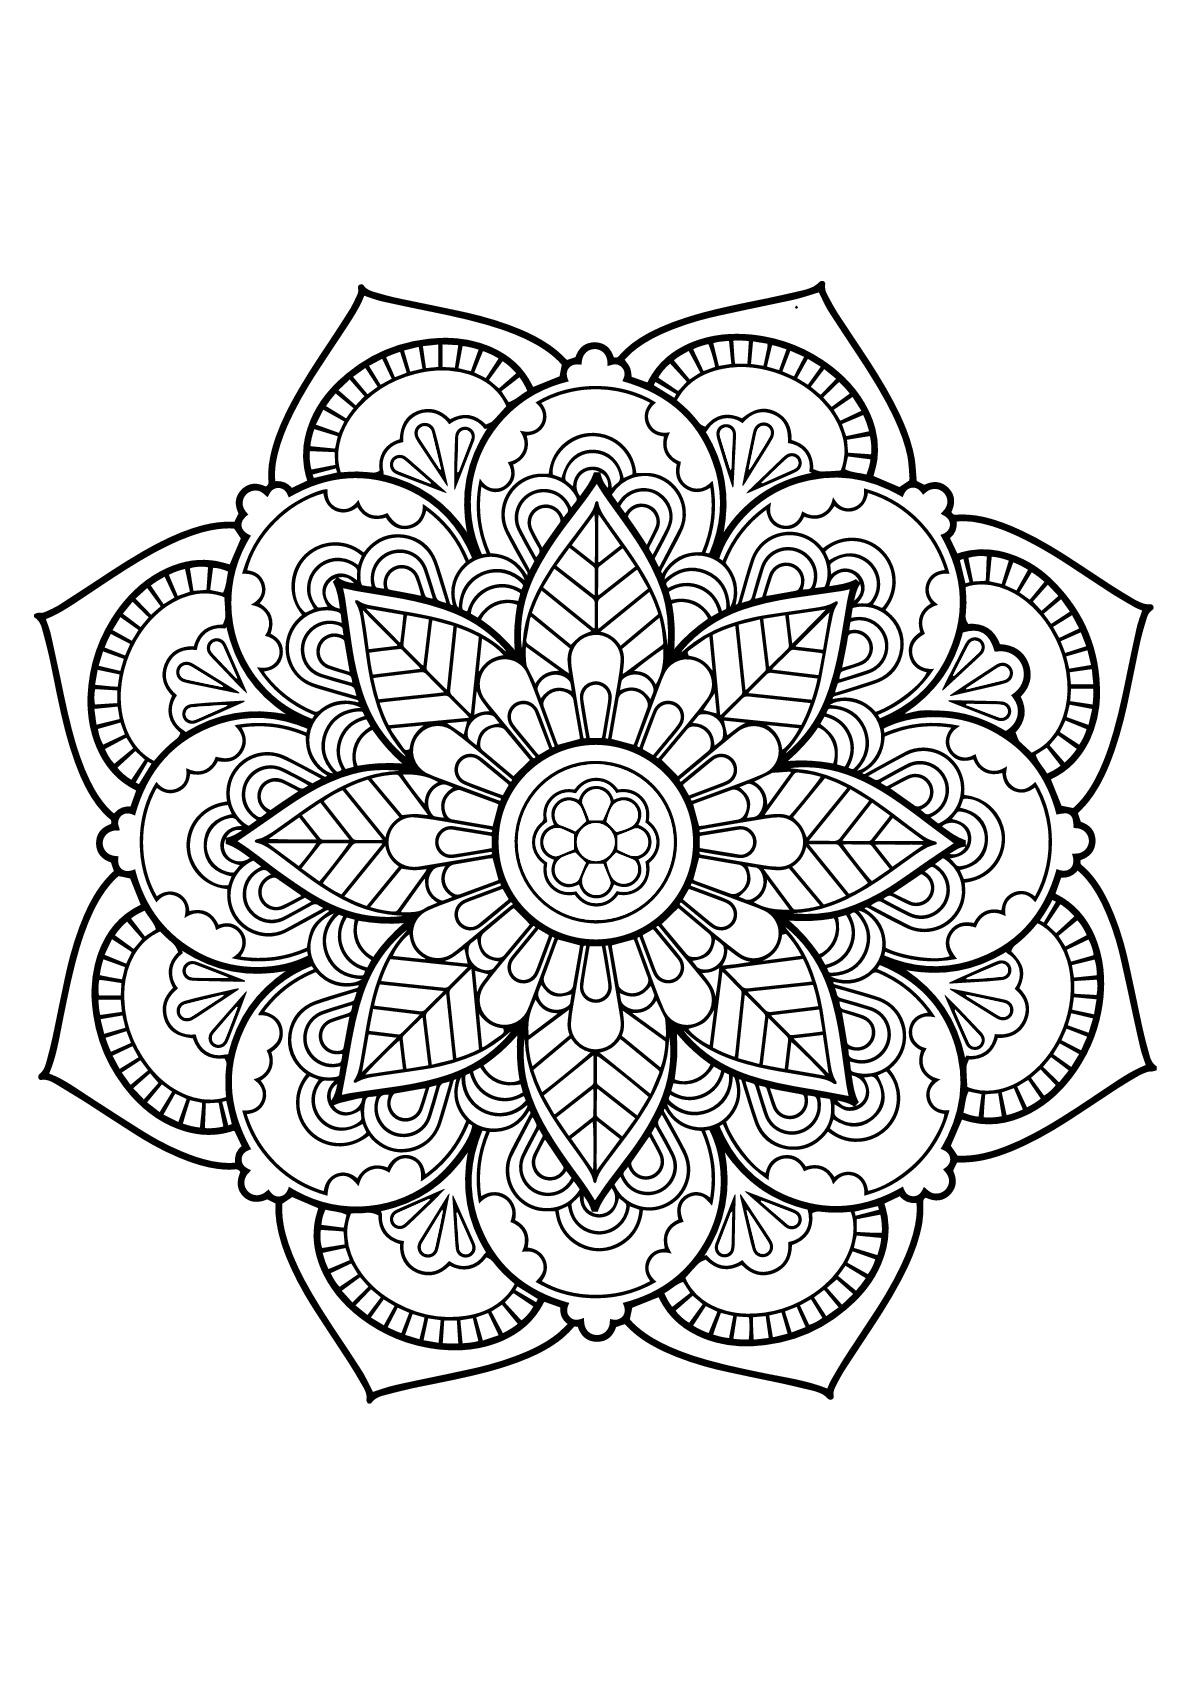 Mandala livre gratuit 22 mandalas coloriages - Imprimer des mandalas gratuit ...